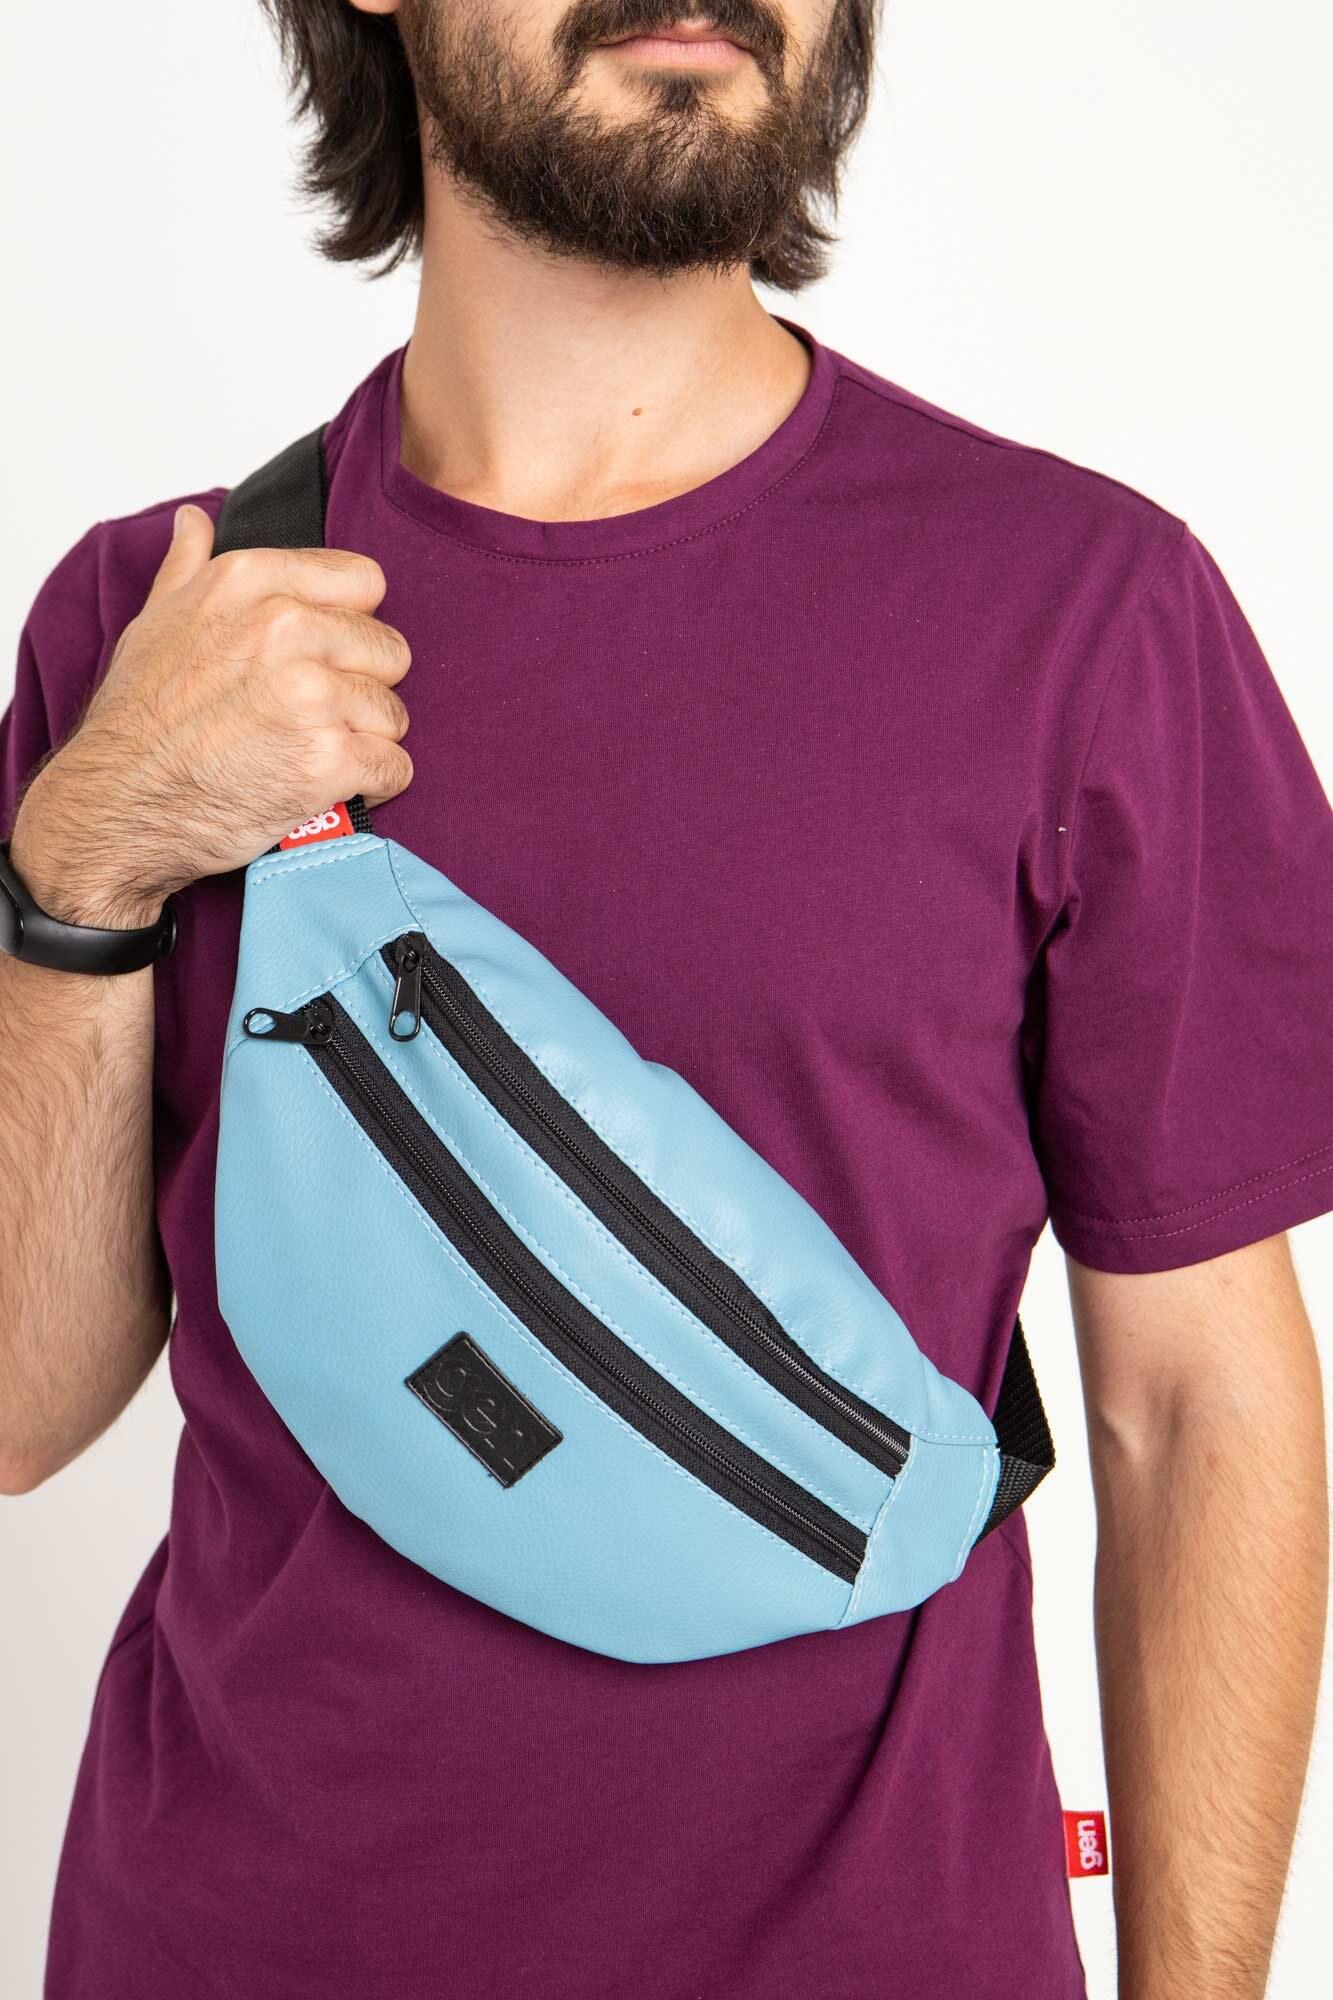 Полукруглая сумка на пояс бананка голубого цвета с двумя отделениями на замках